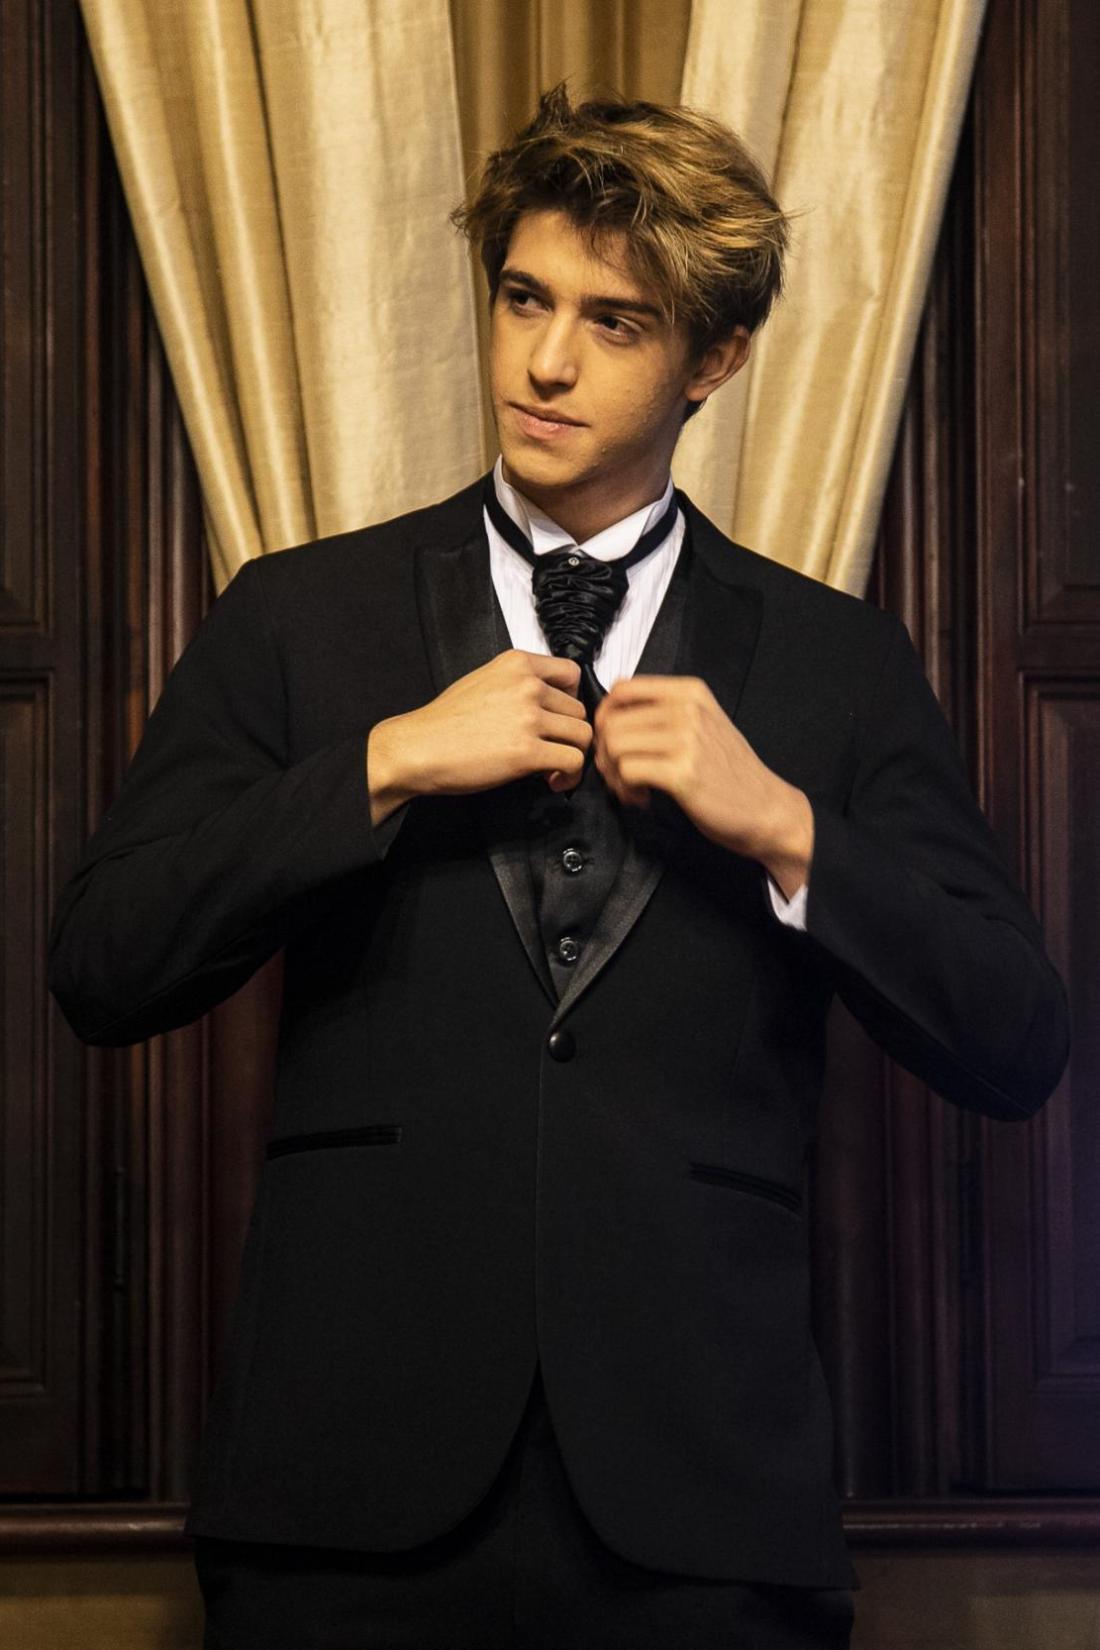 64 - Terno slim com colete e gravata noivo